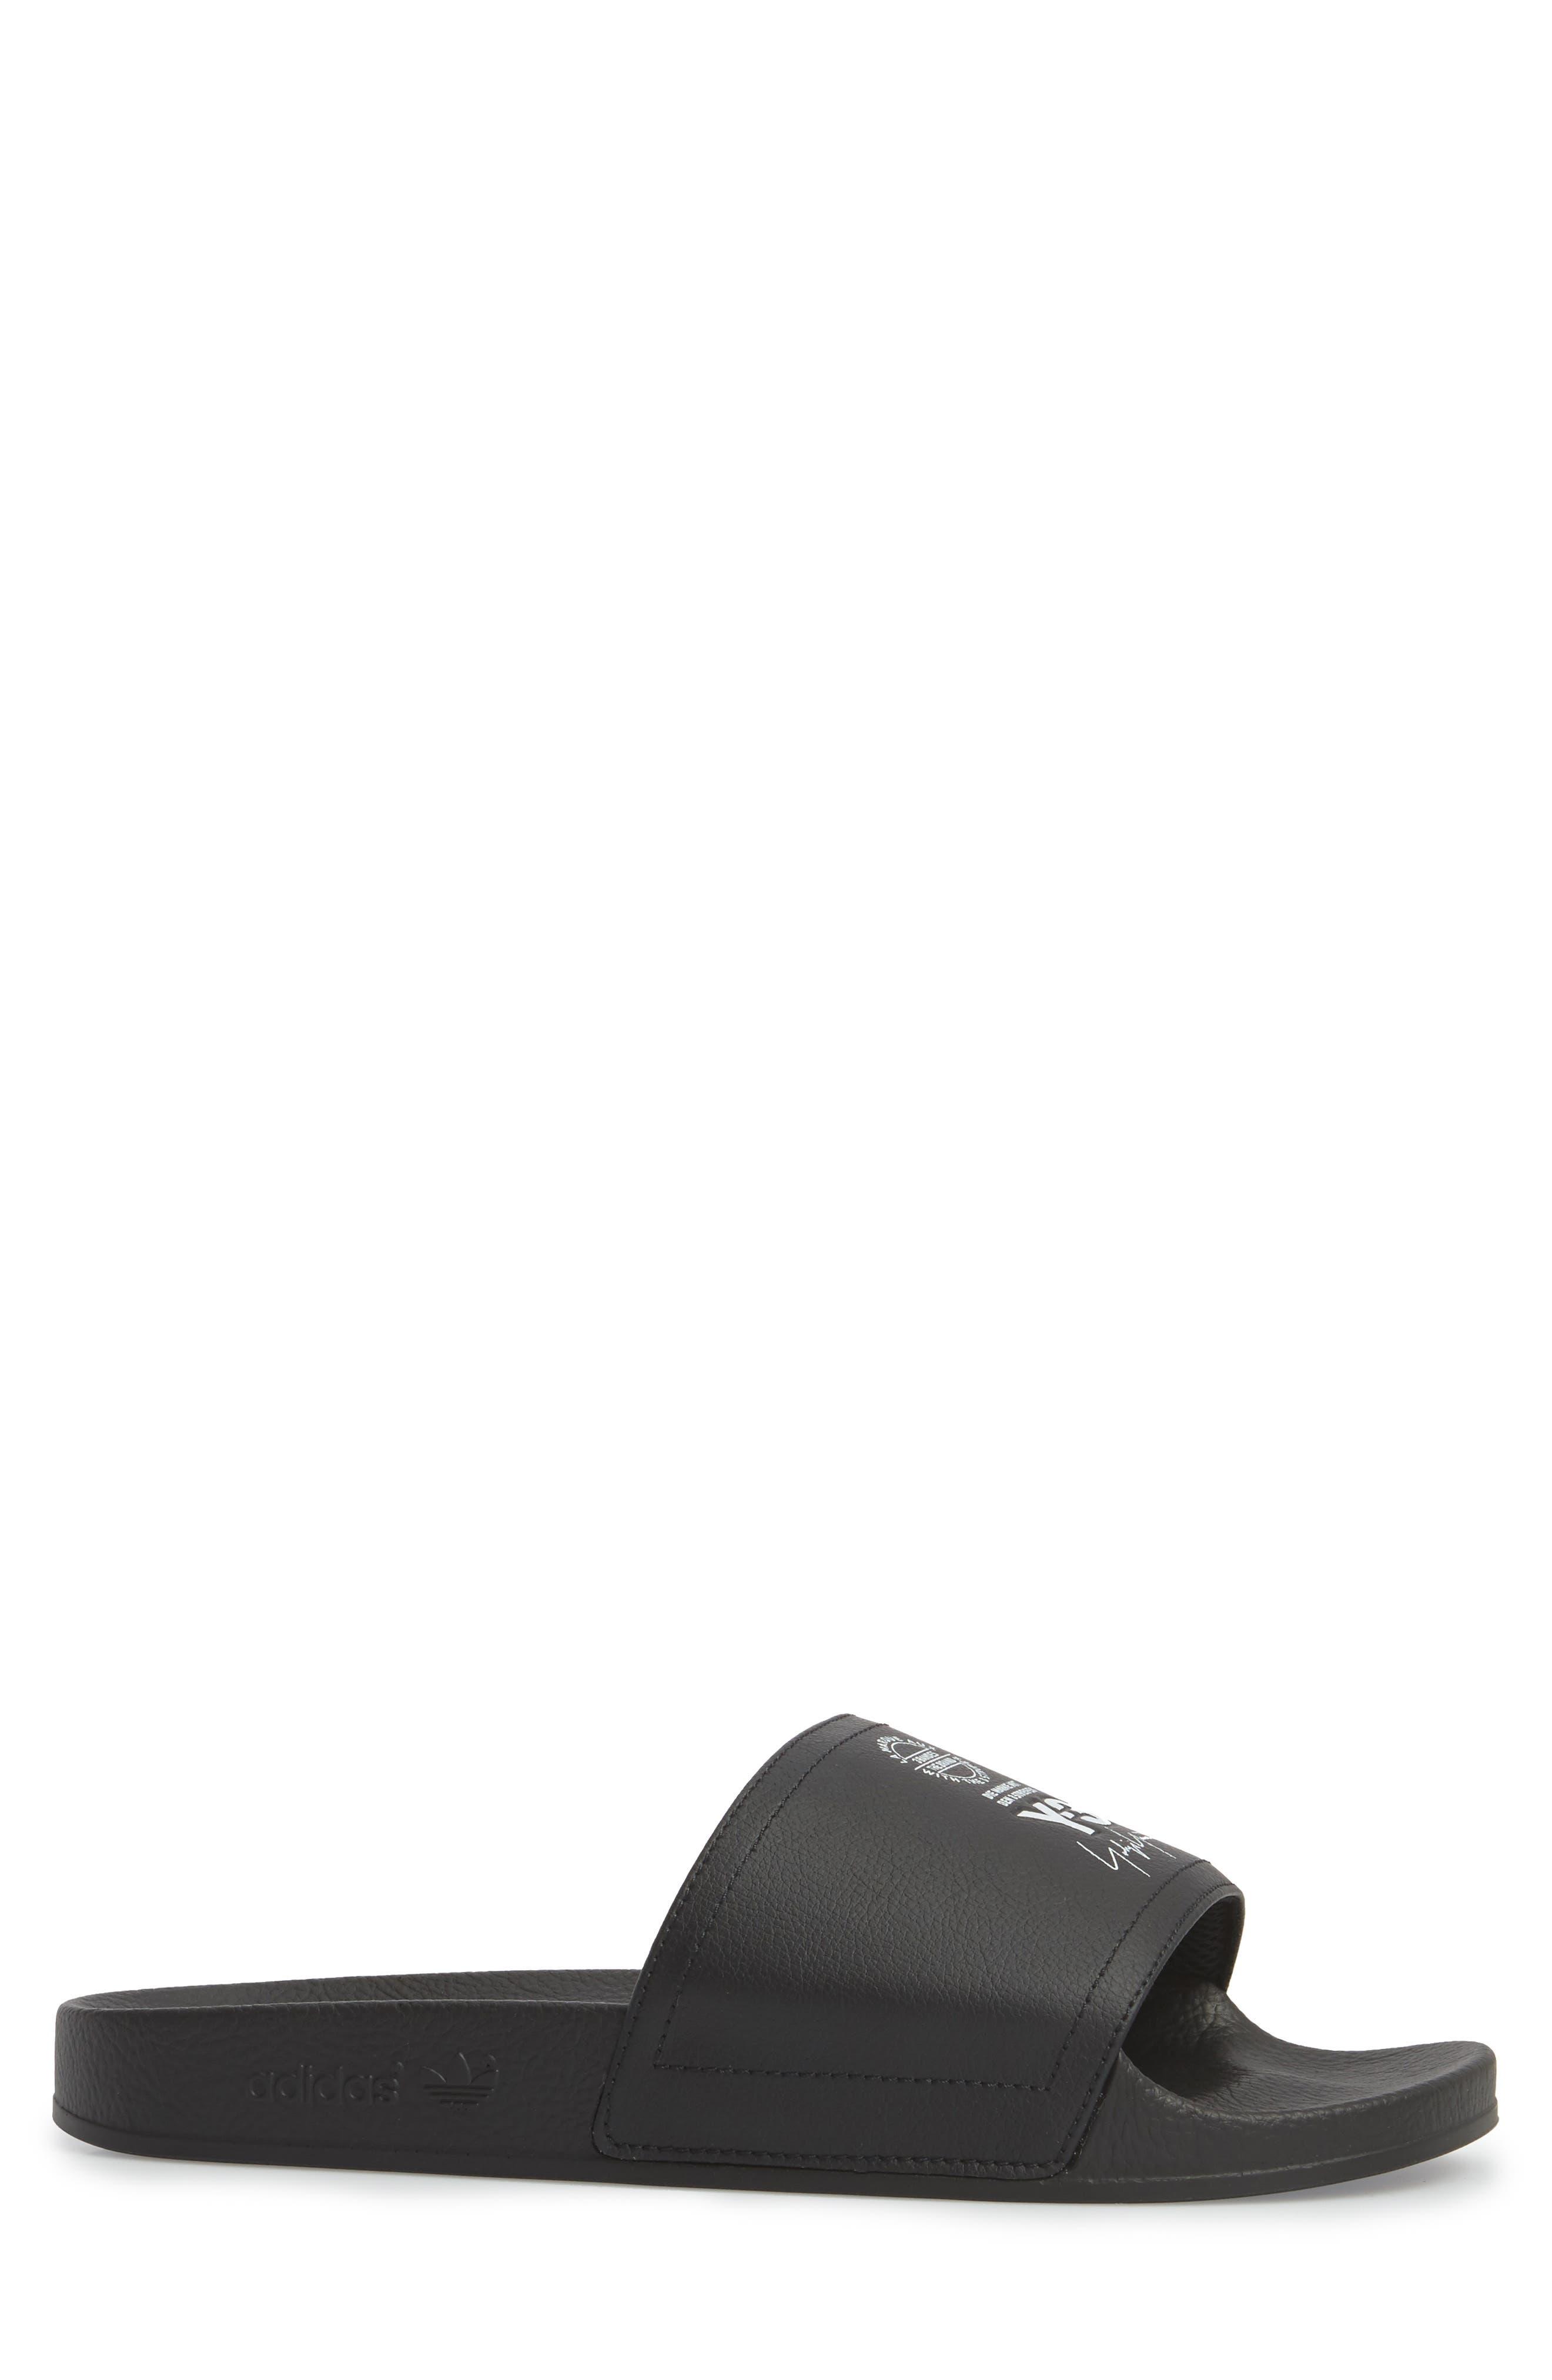 Alternate Image 3  - Y-3 Adilette Slide Sandal (Men)